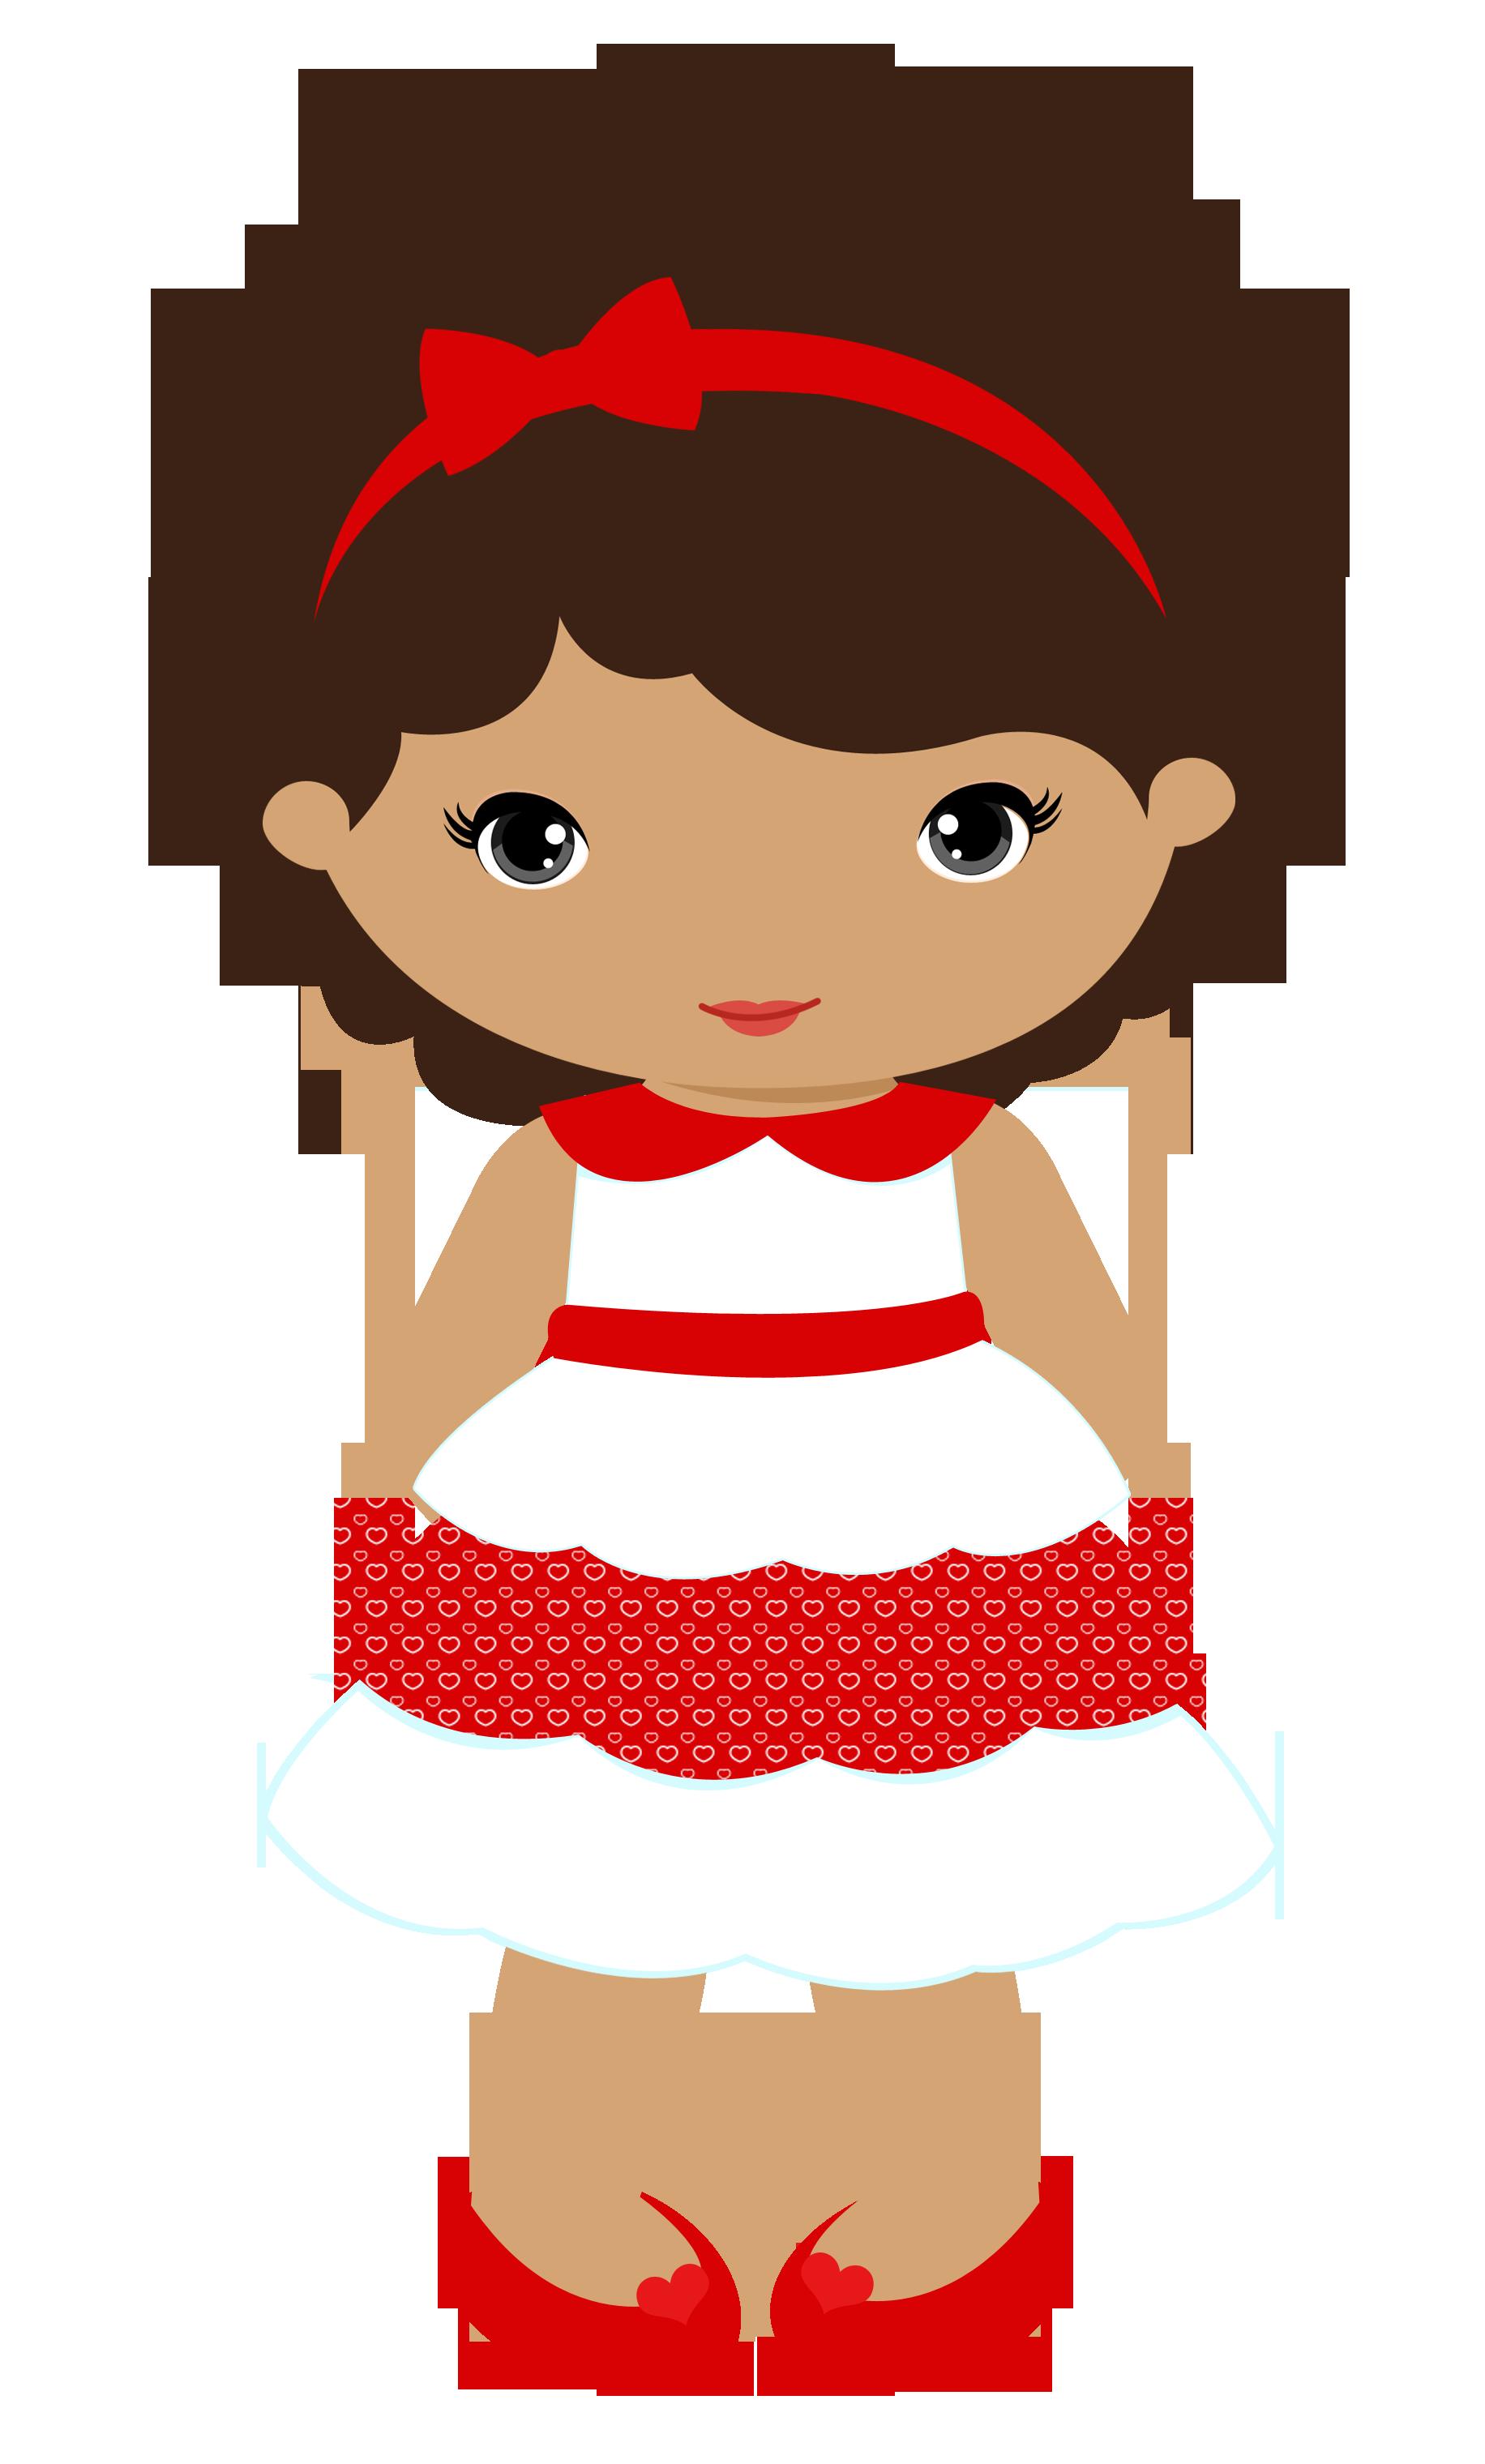 Menina cute png 6 » PNG Image.